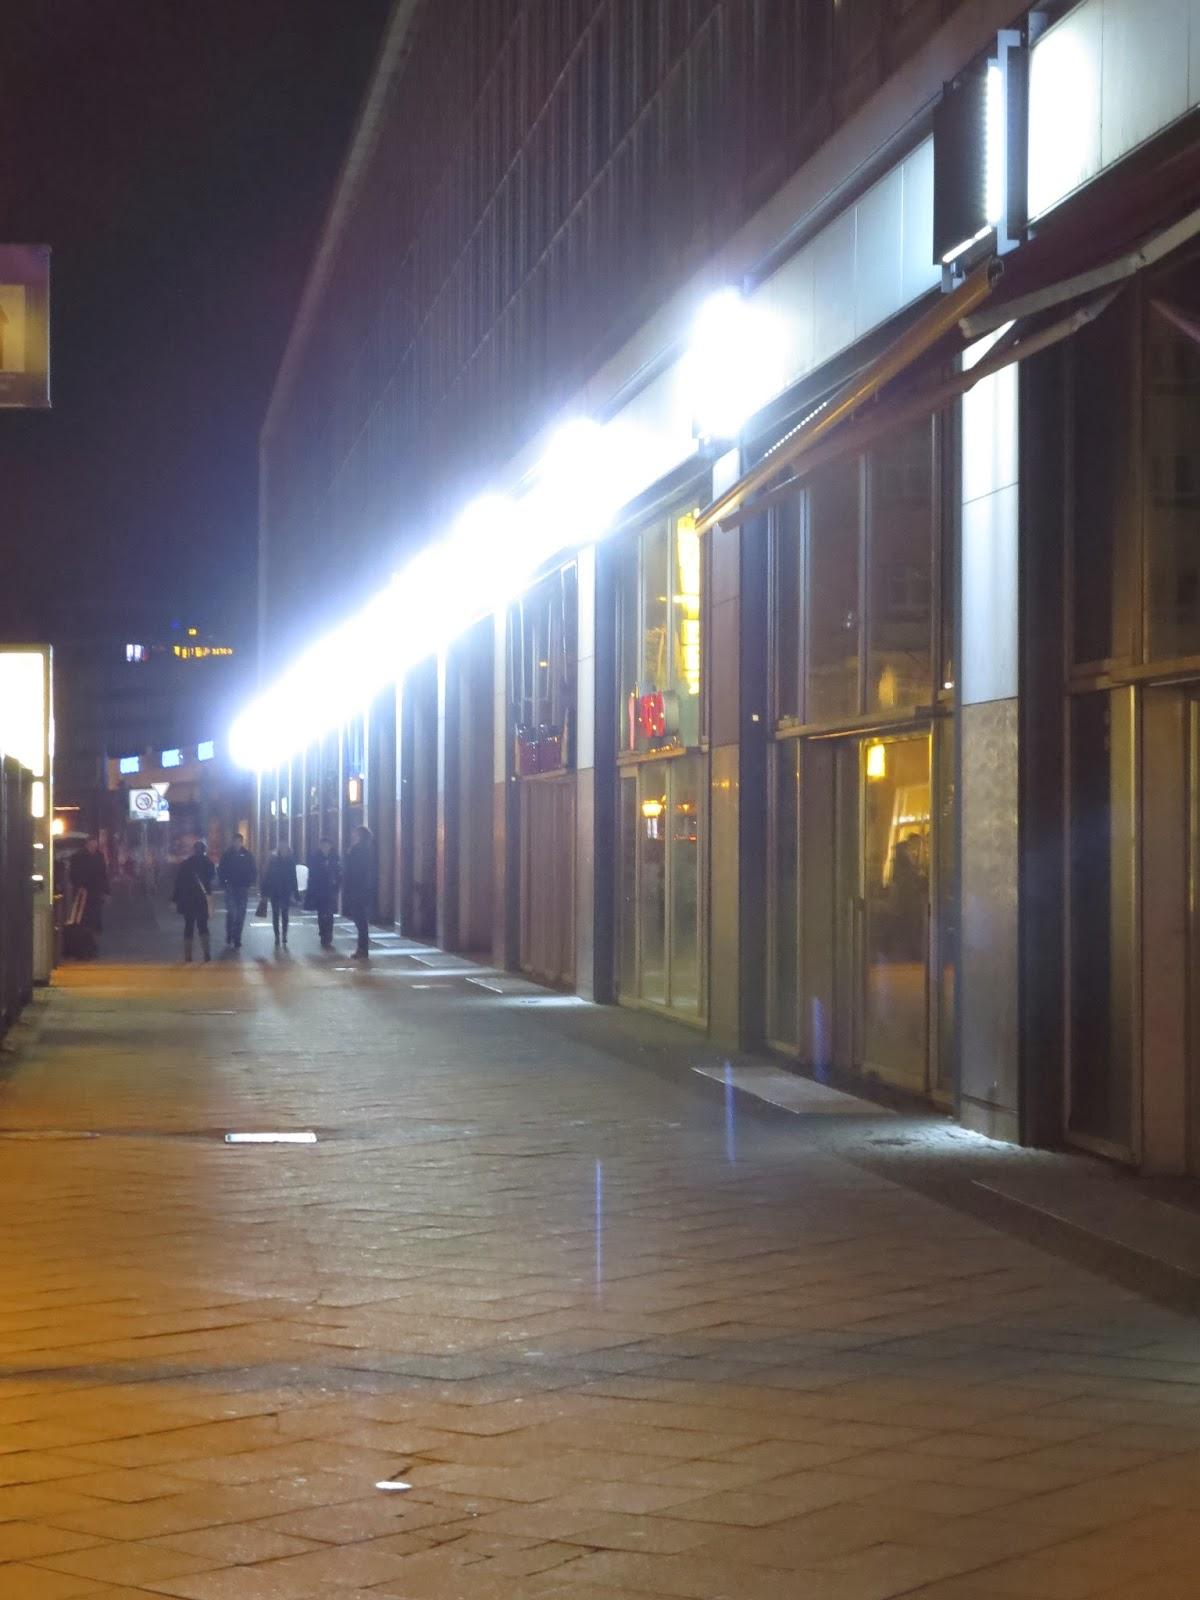 Beleuchtung auf Beleuchtungsniveau der Straße eingestellt